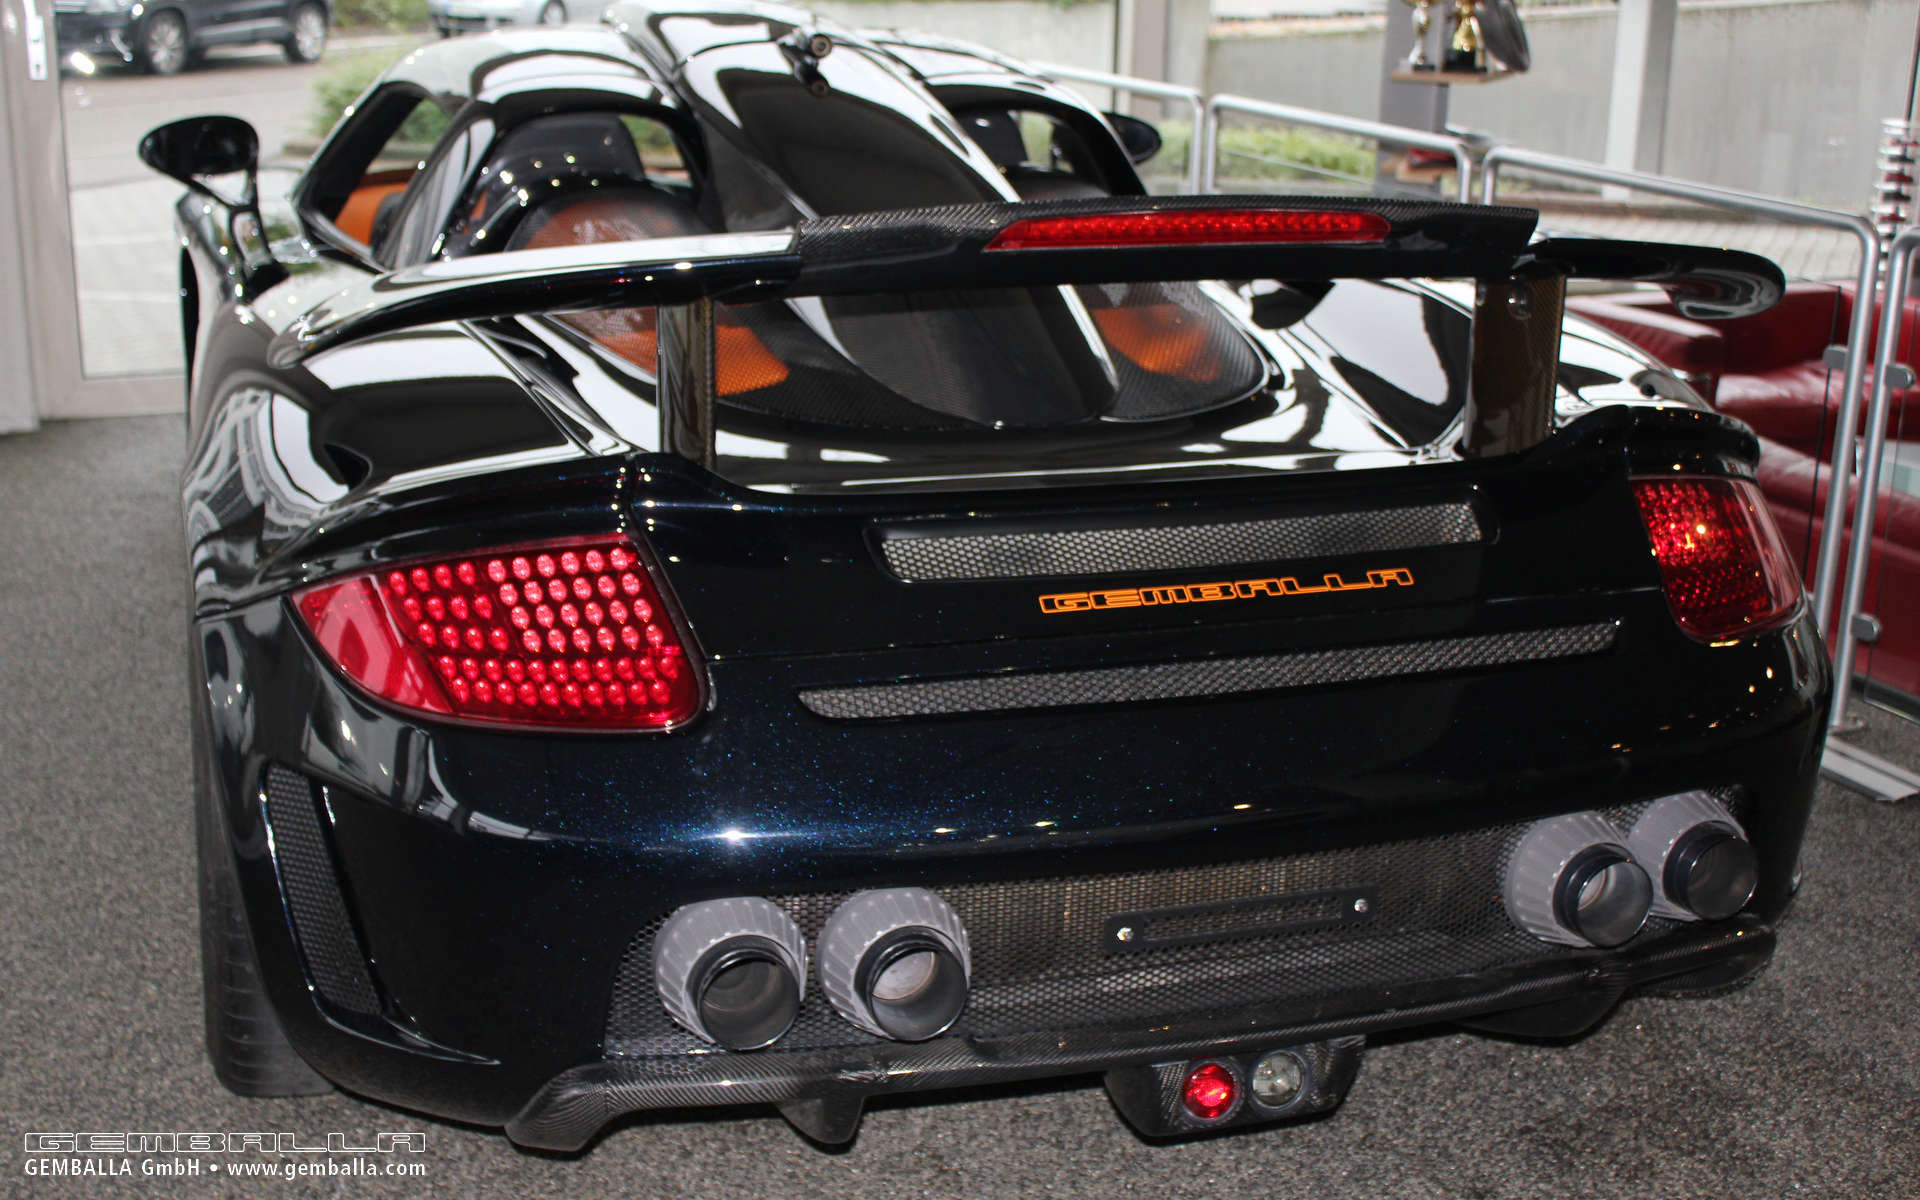 porsche carrera gt nieuwprijs with Porsche Gemballa Mirage Gt For Sale on 8erhoek Classic Tour Deel 2 further Porsche Gemballa Mirage Gt For Sale as well Pana Turbo S En Carrera 4s together with Porsche 991 Turbo S Cabrio Mk2 in addition Porsche 993 Carrera 4 Shoot.